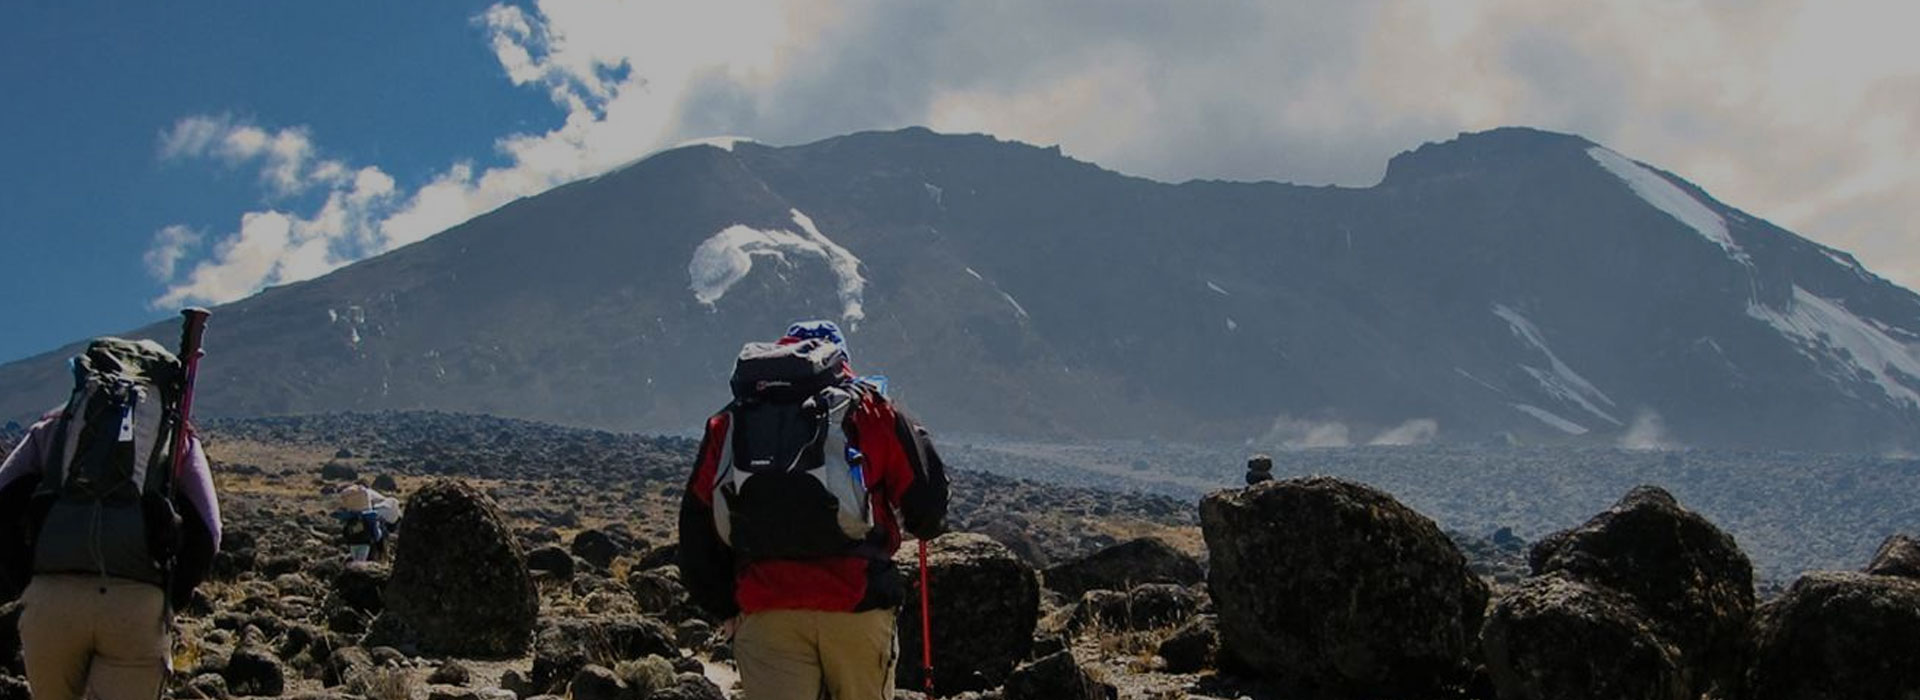 Mount Kilimanjaro Hiking Day Trip